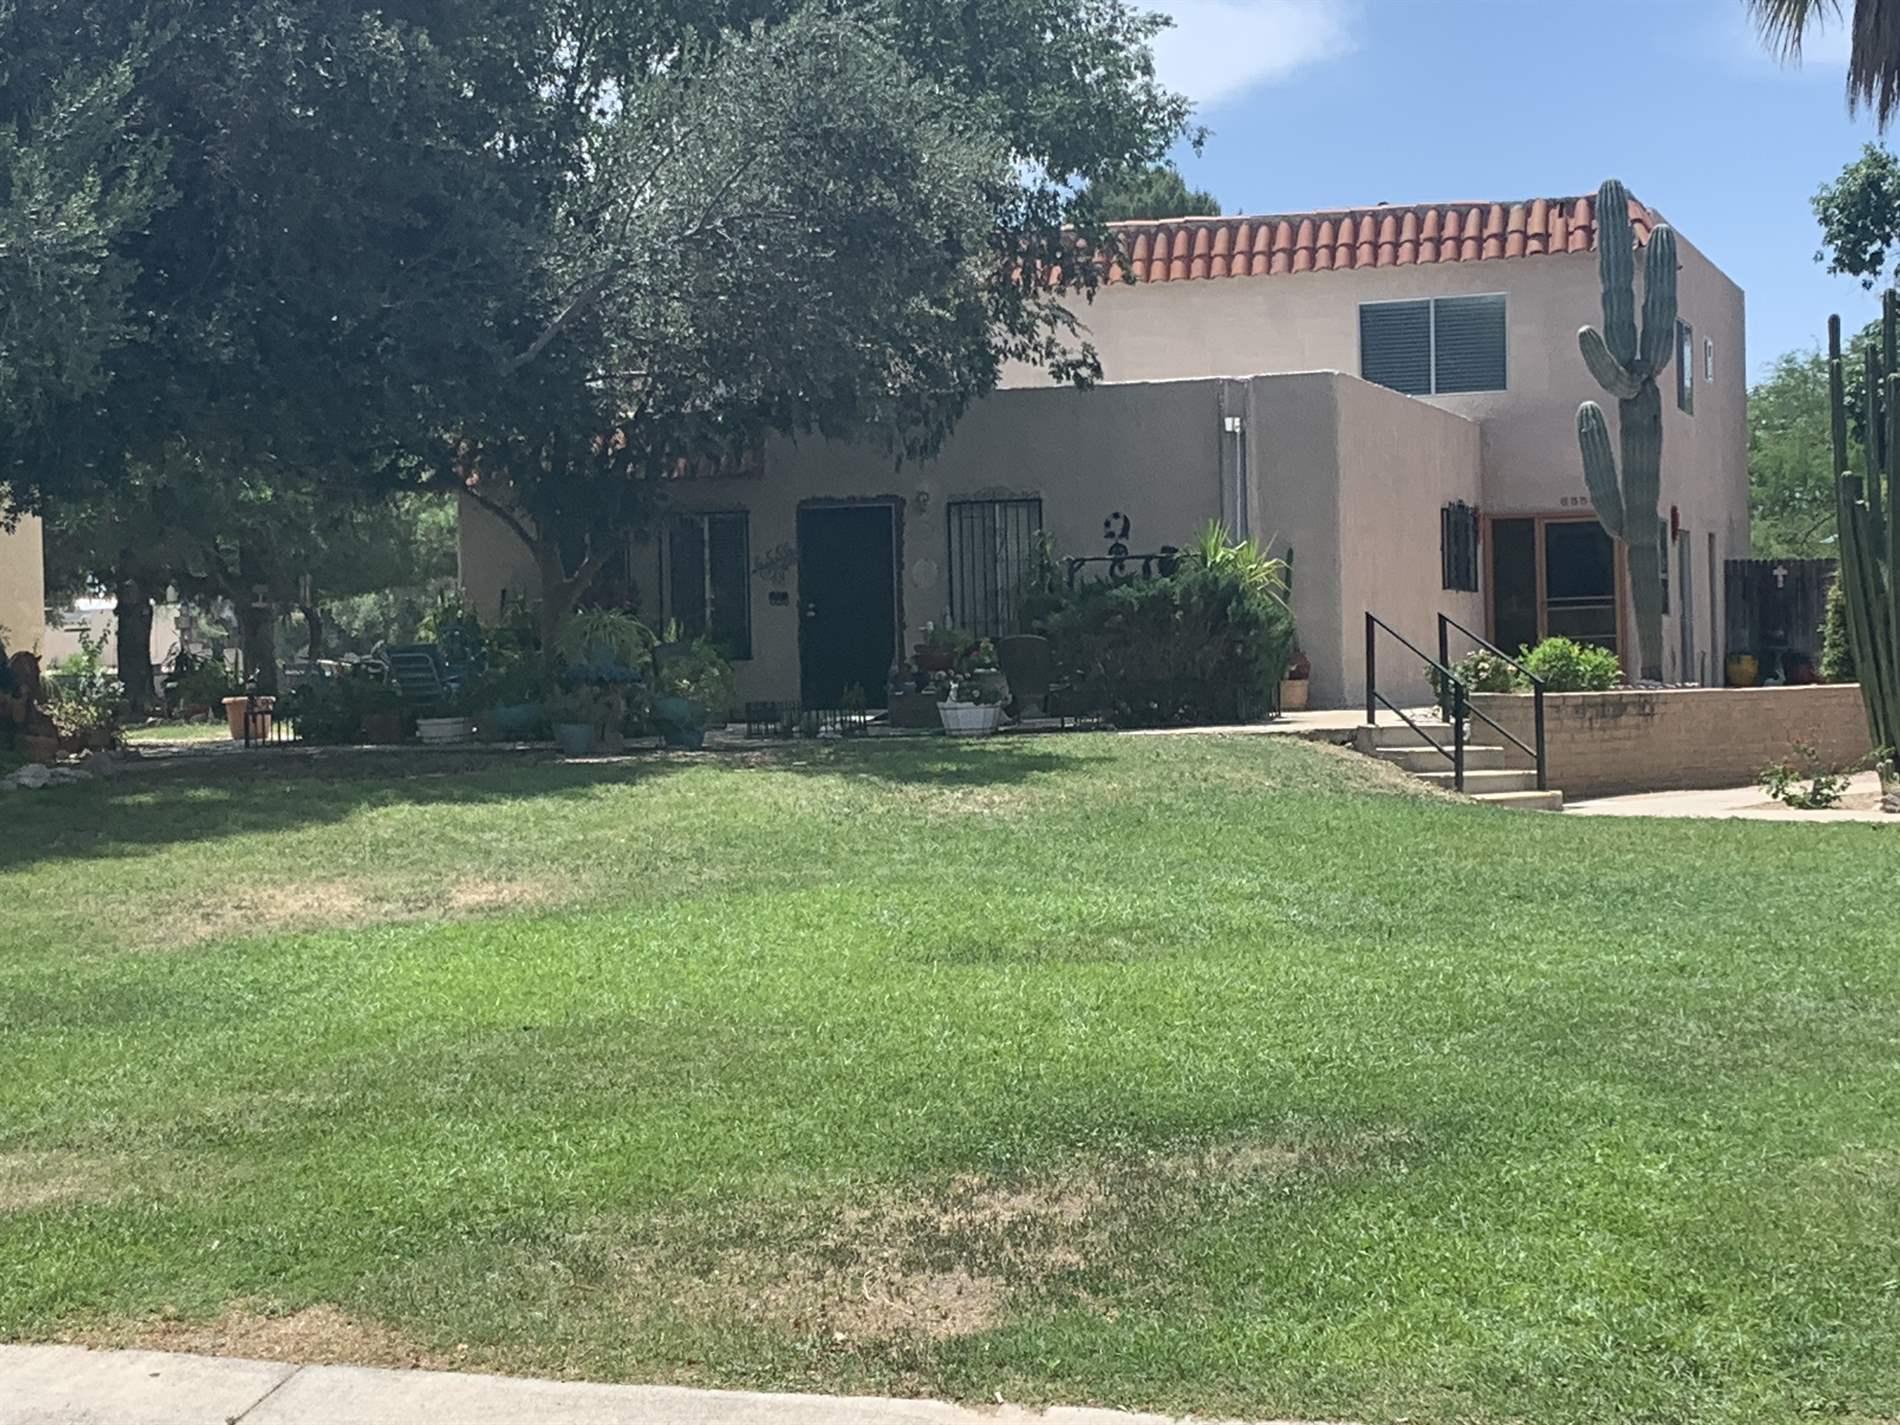 6557 E Calle La Paz Unit D, Tucson, AZ 85712